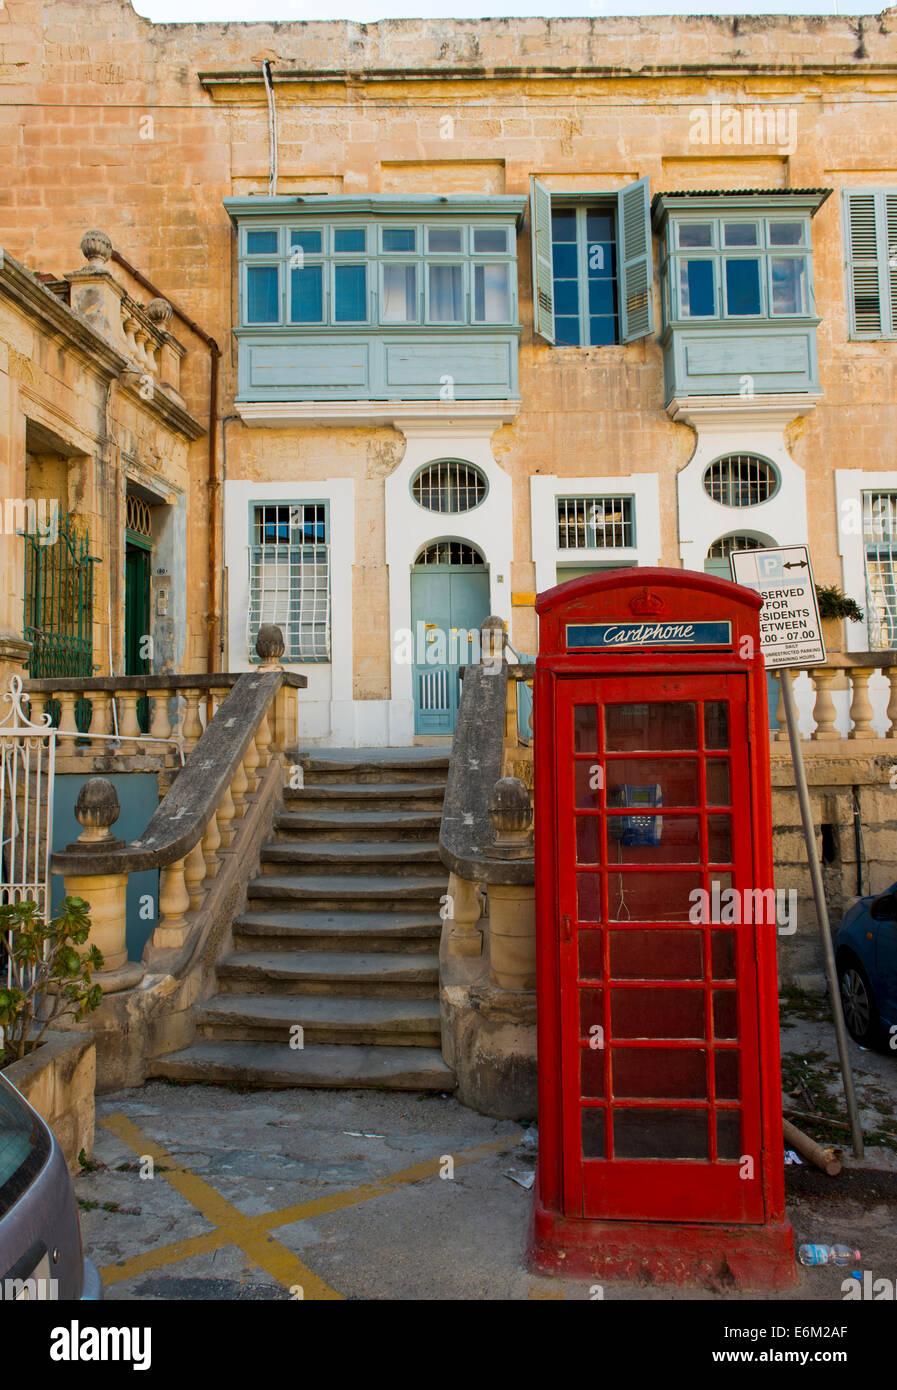 British; UK; Telephone Box; Valletta; Malta - Stock Image